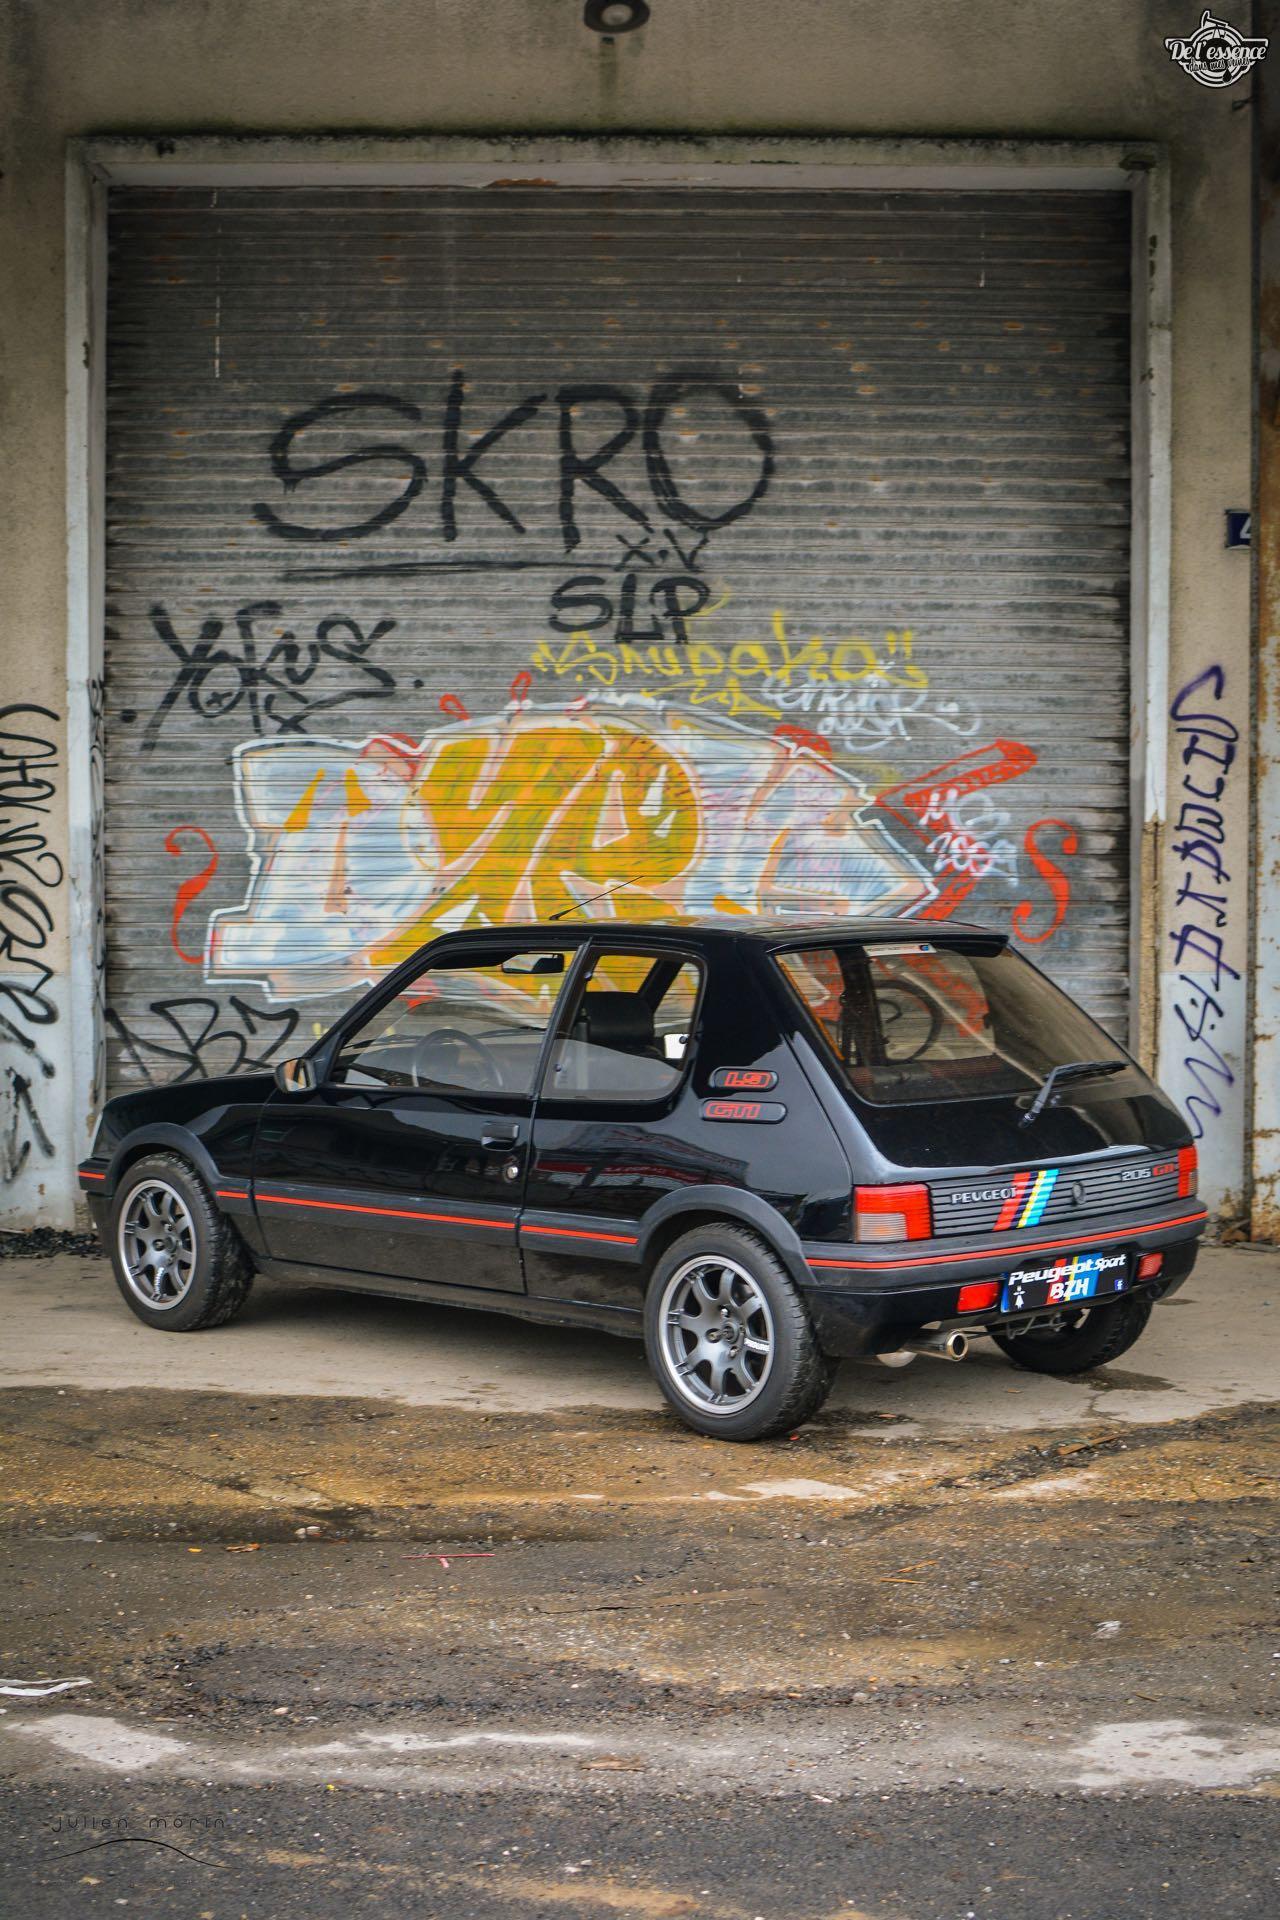 Peugeot 205 Gti de Florent... Le bonheur ? C'est pas compliqué ! 18